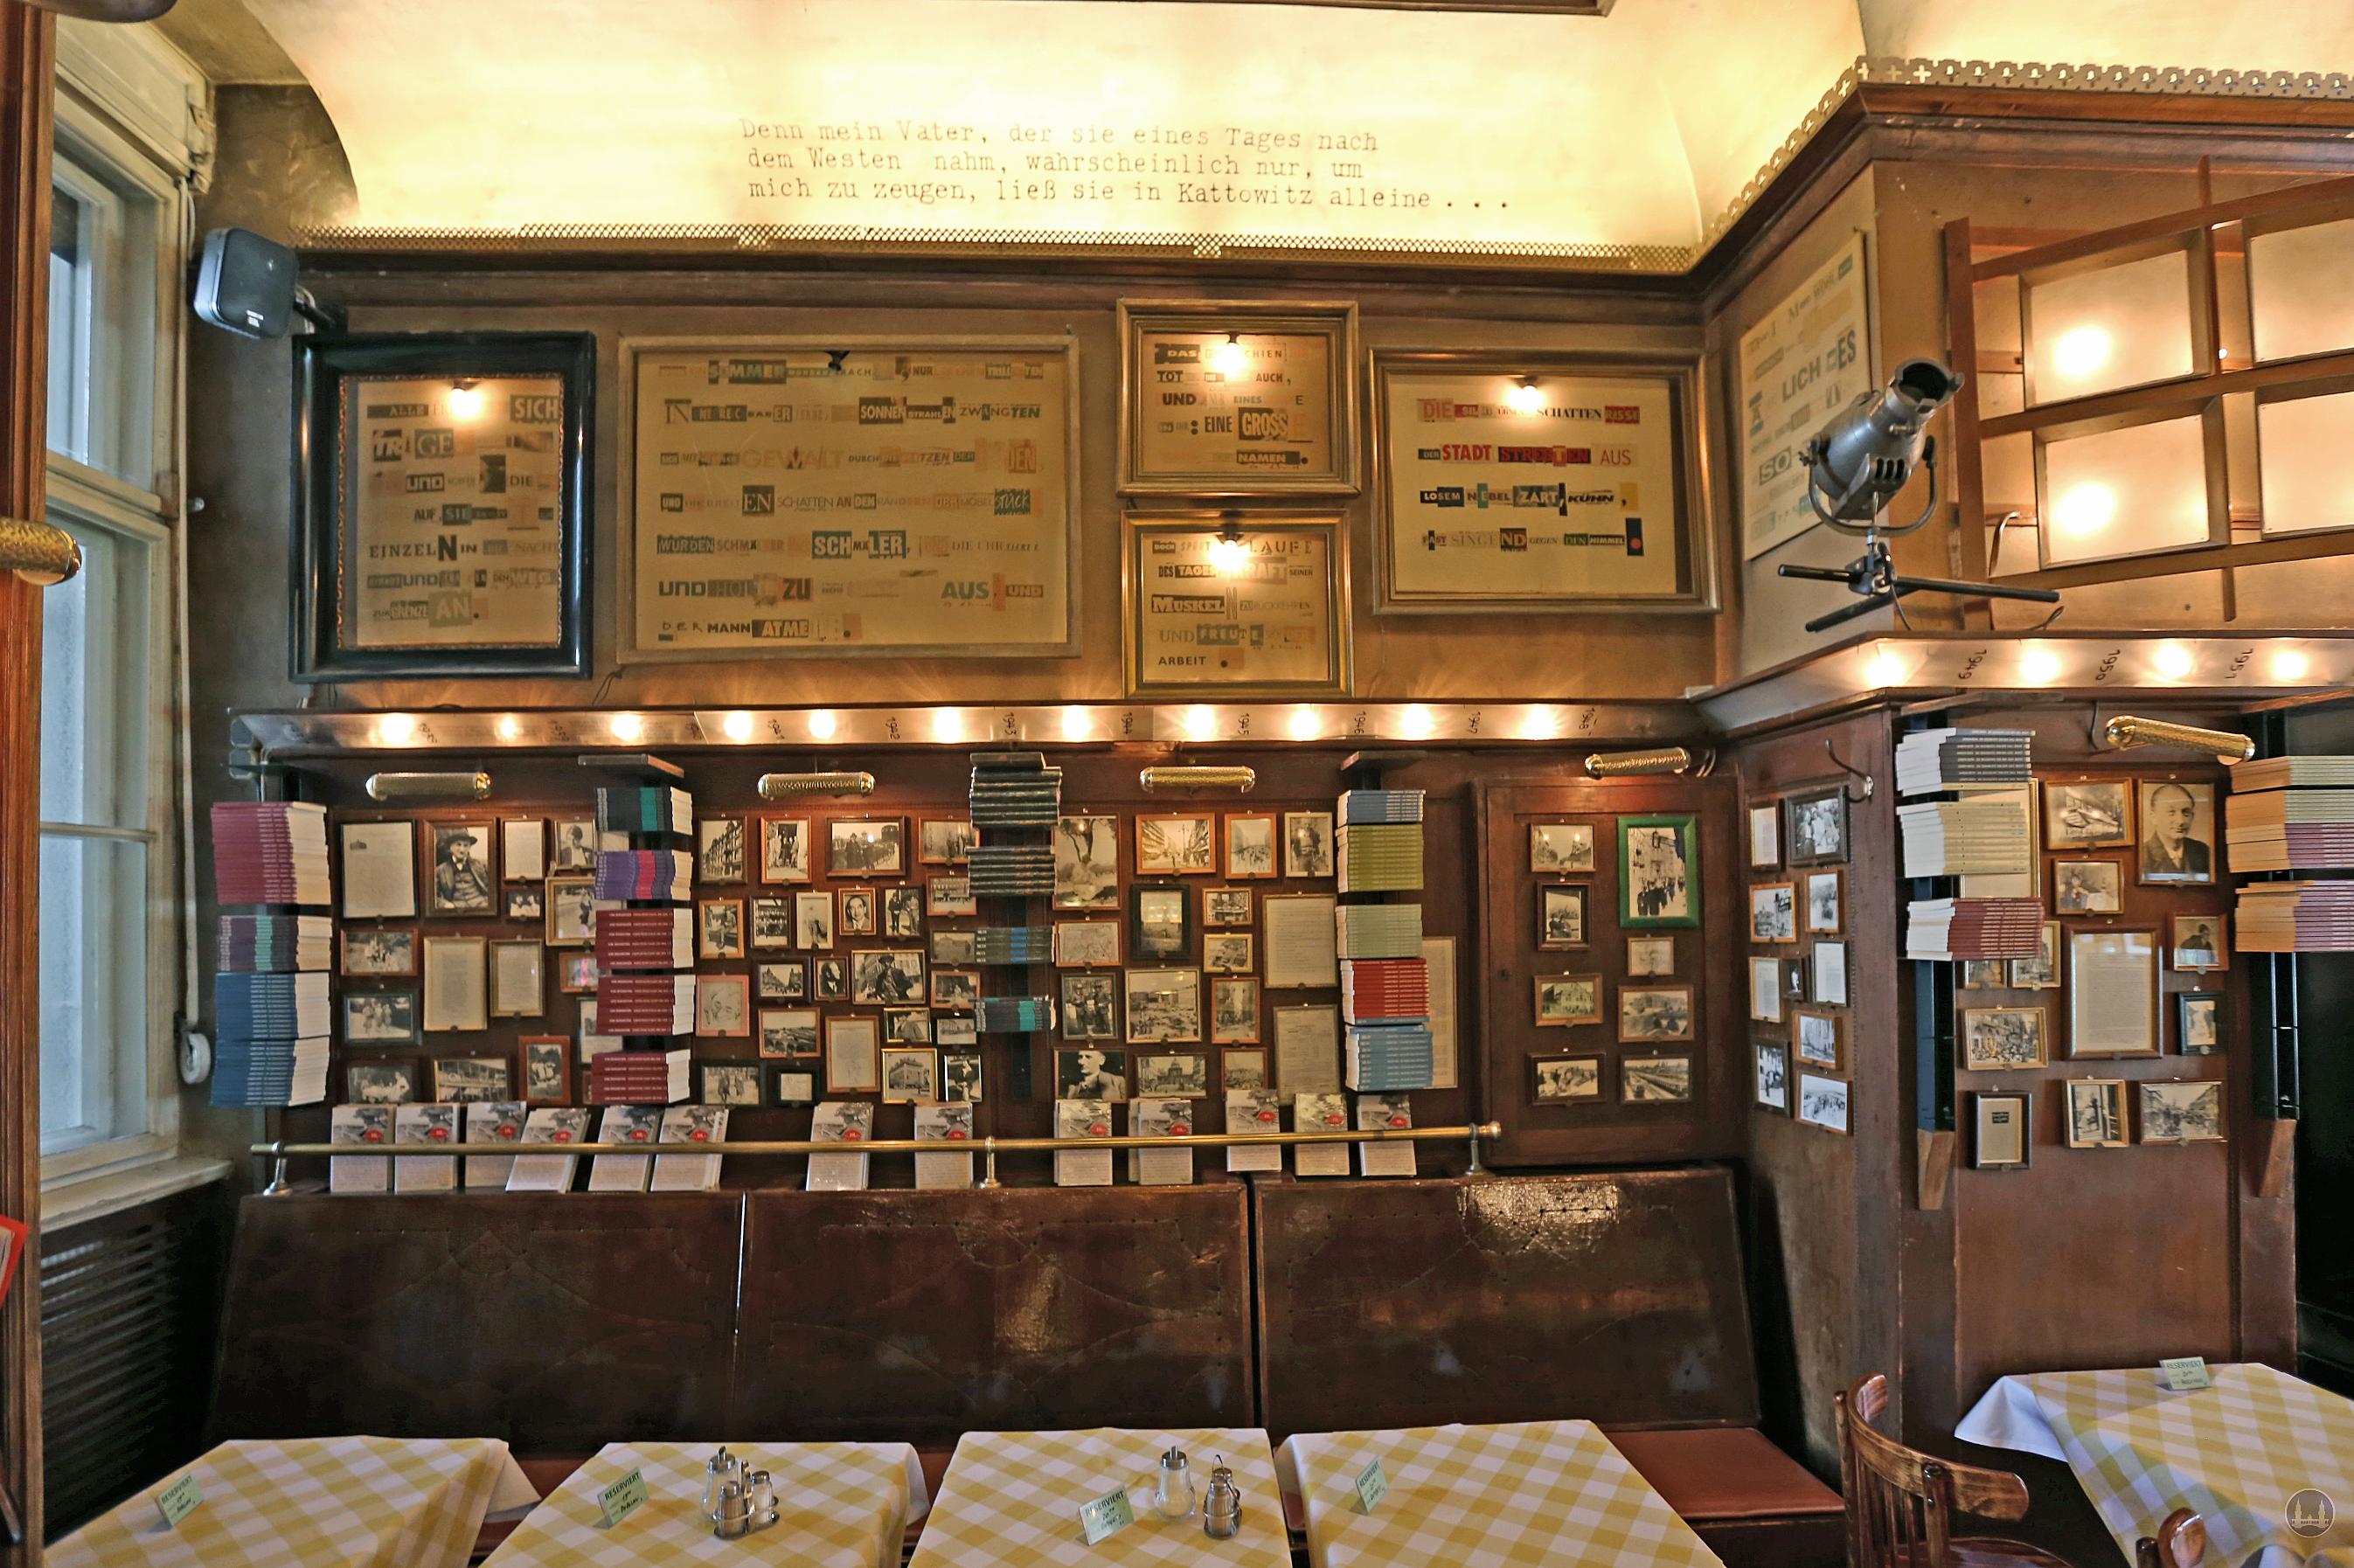 Die Joseph - Roth - Diele an der Potsdamer Straße. Bücher von Joseph Roth am Fenster zum Hof.